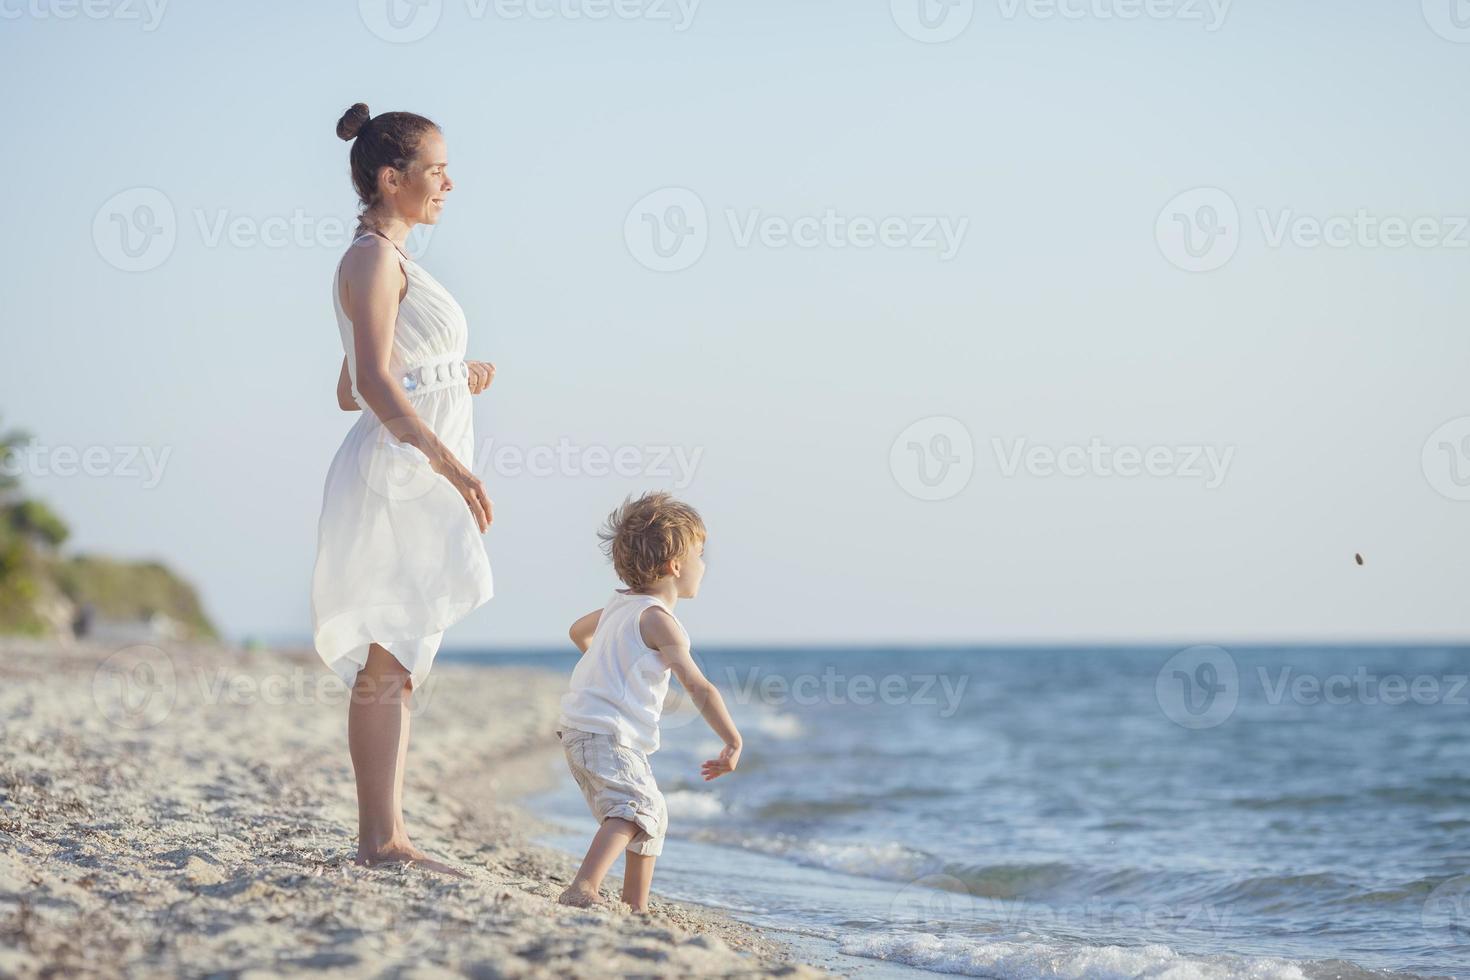 giocando con le scremature di pietre sulla spiaggia foto